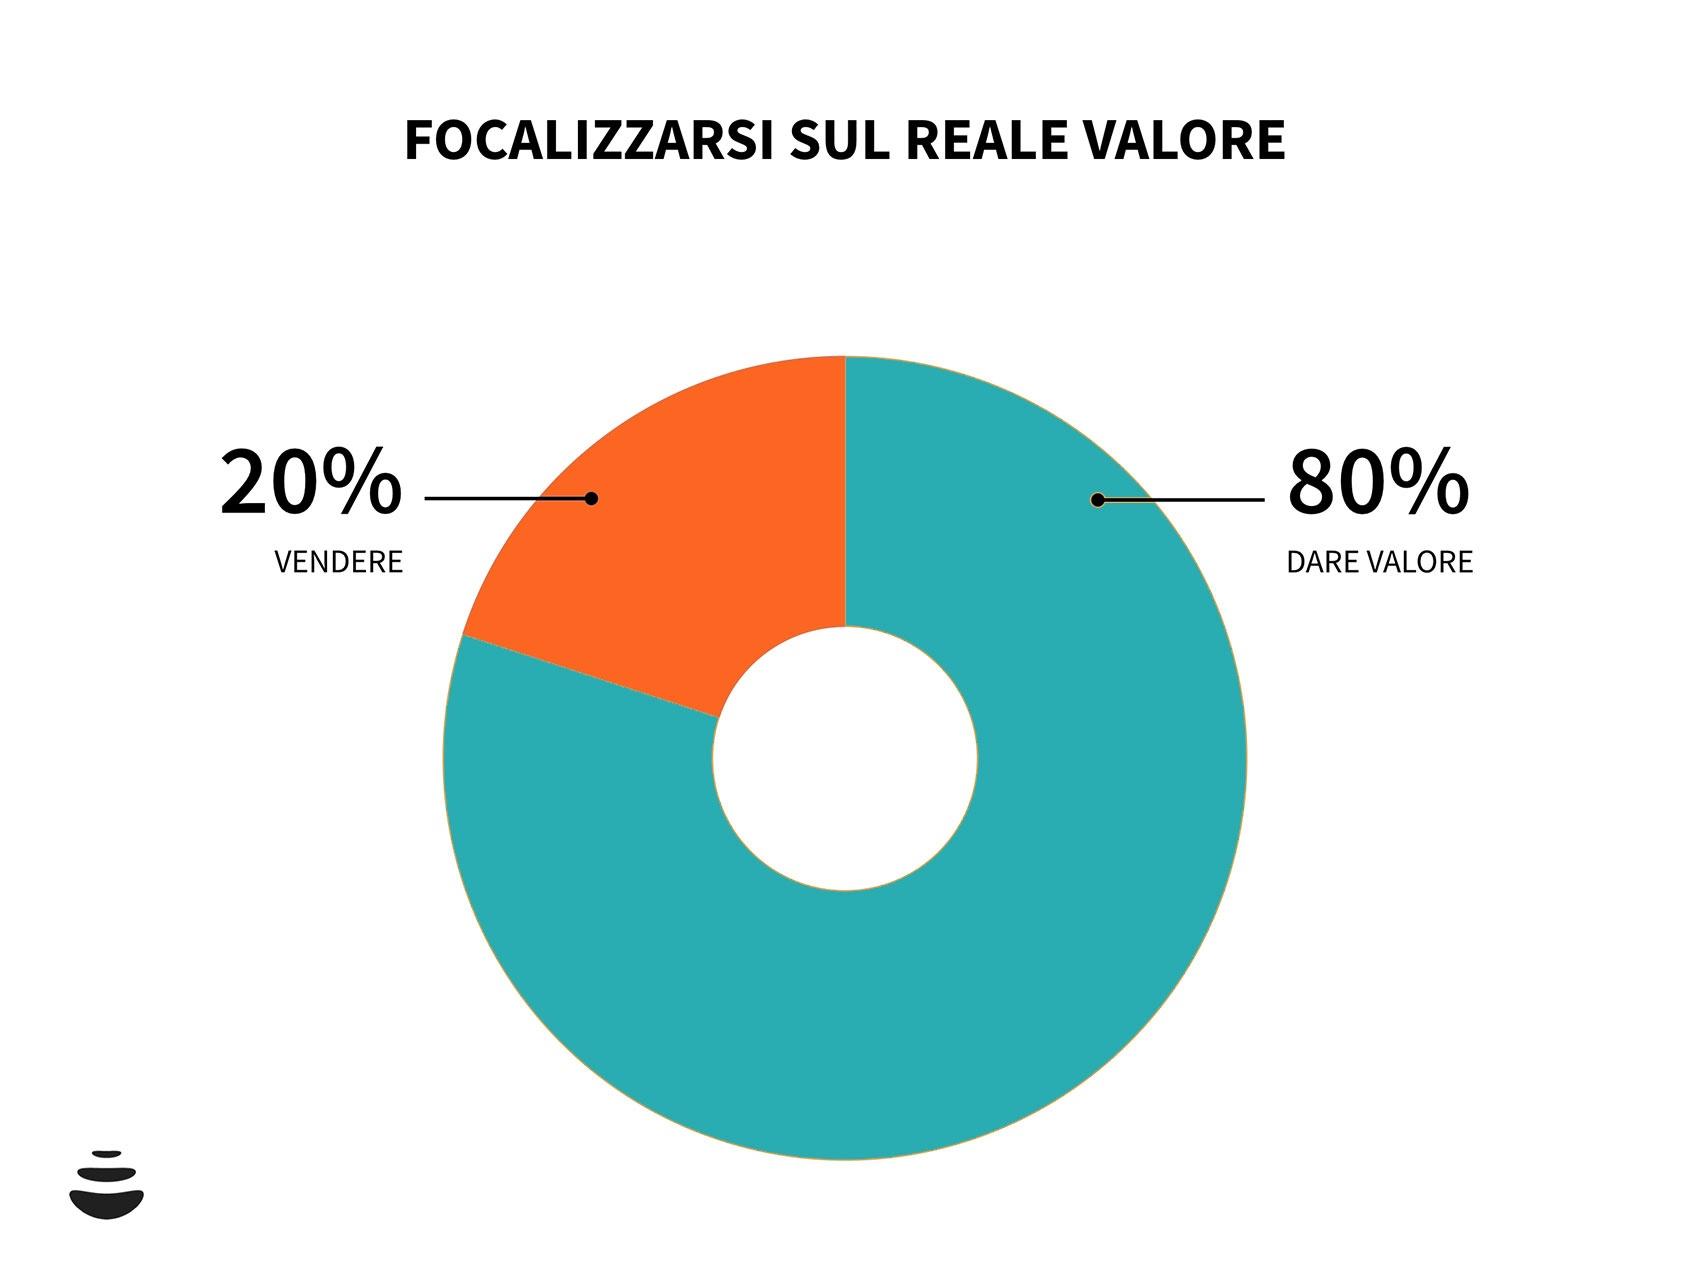 focalizzarsi sul reale valore